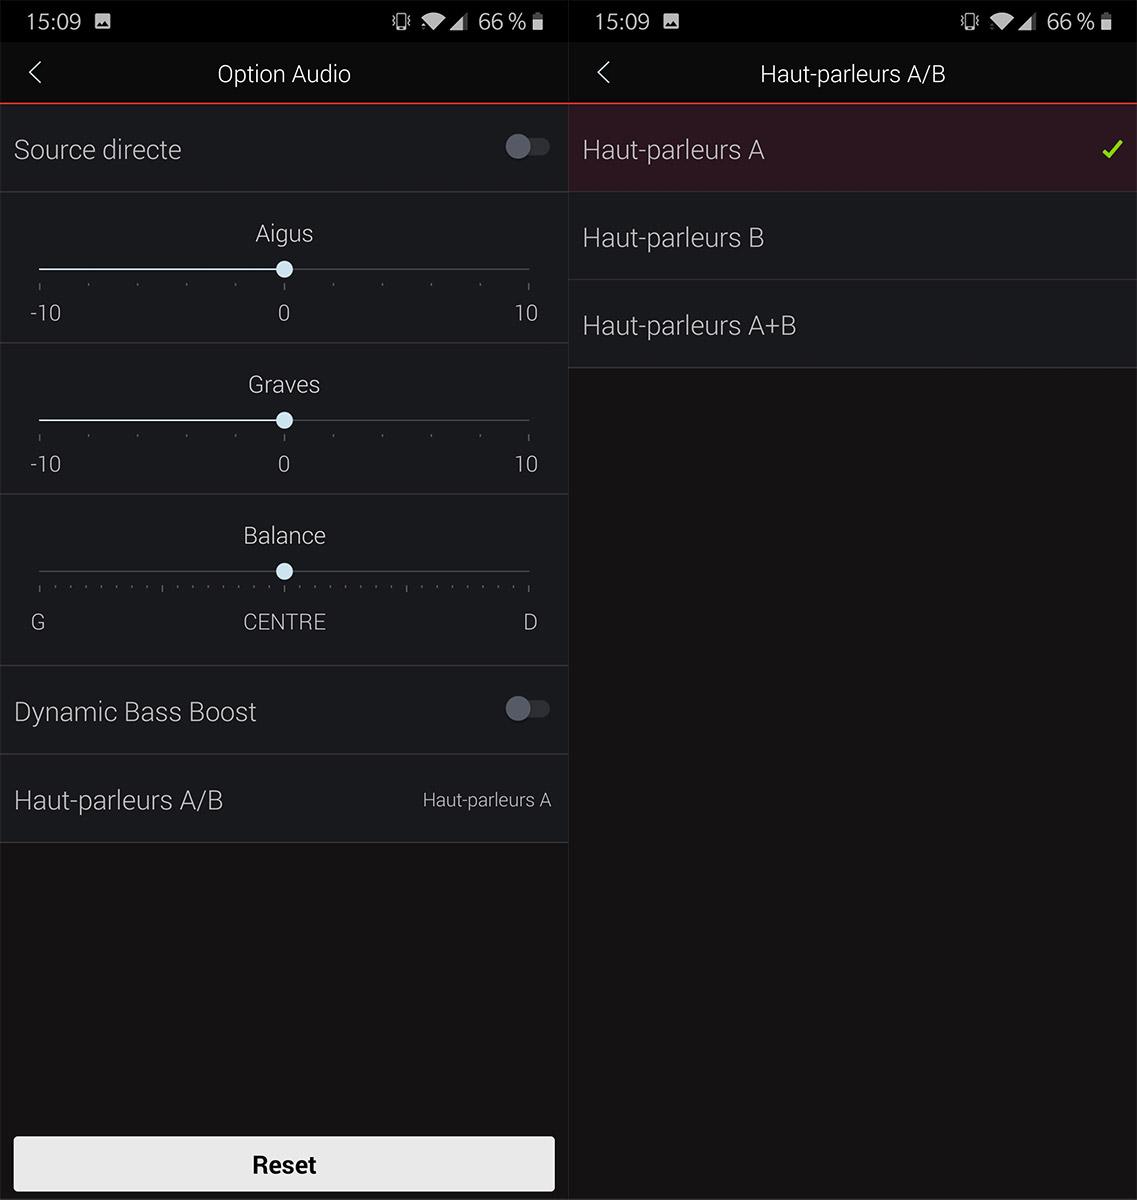 L'application Heos permet de choisir quelle paire d'enceintes écouter et de régler le volume séparément.